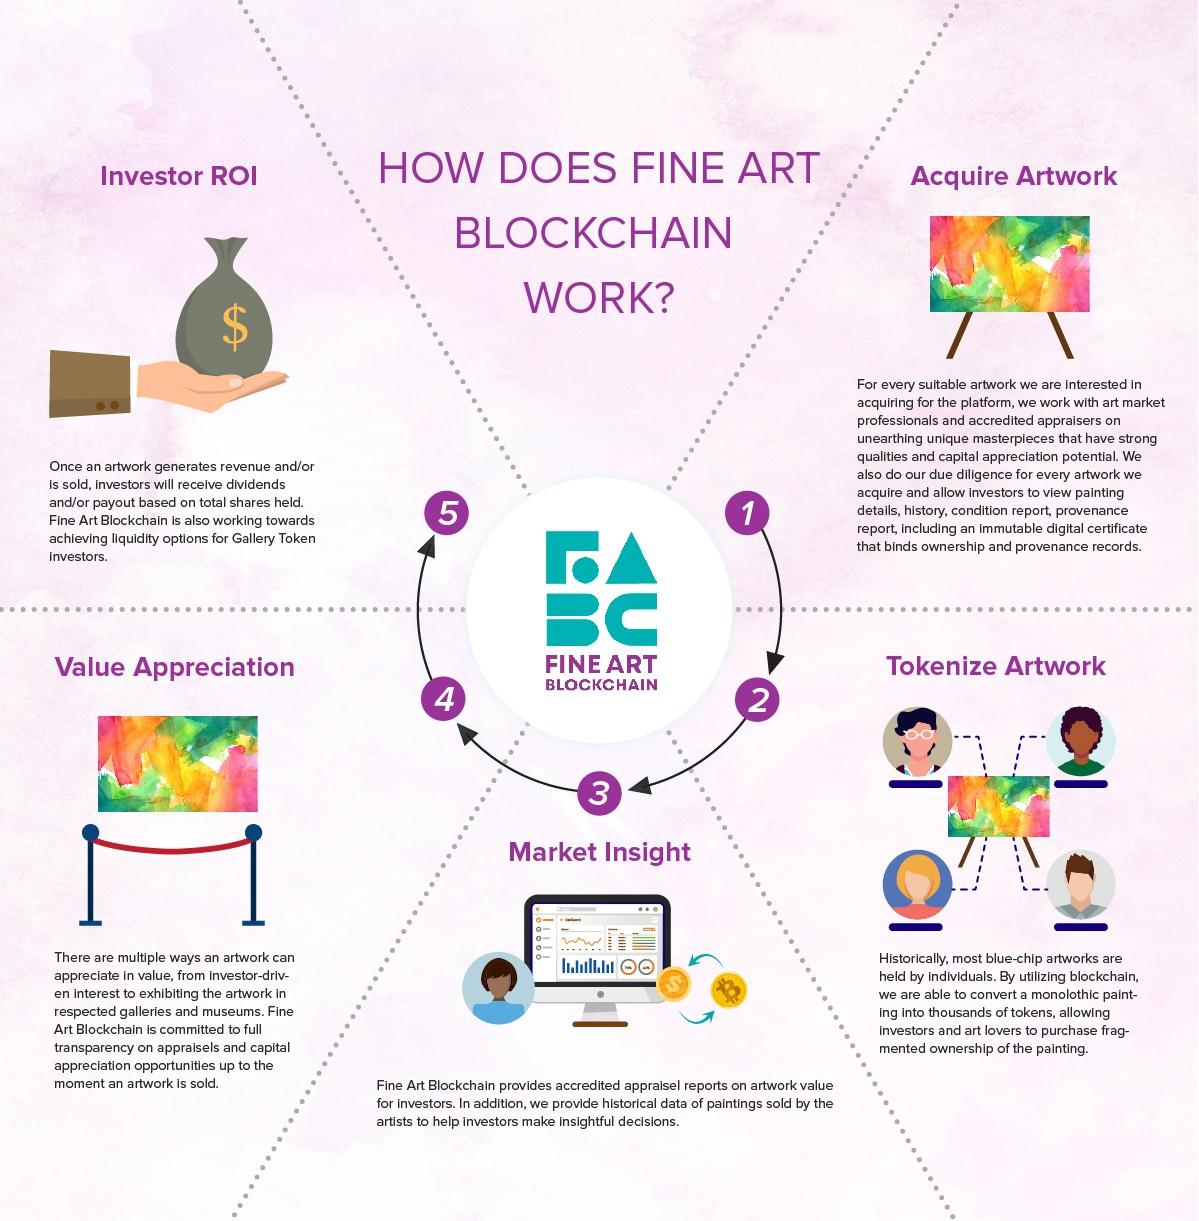 Fine Art Blockchain